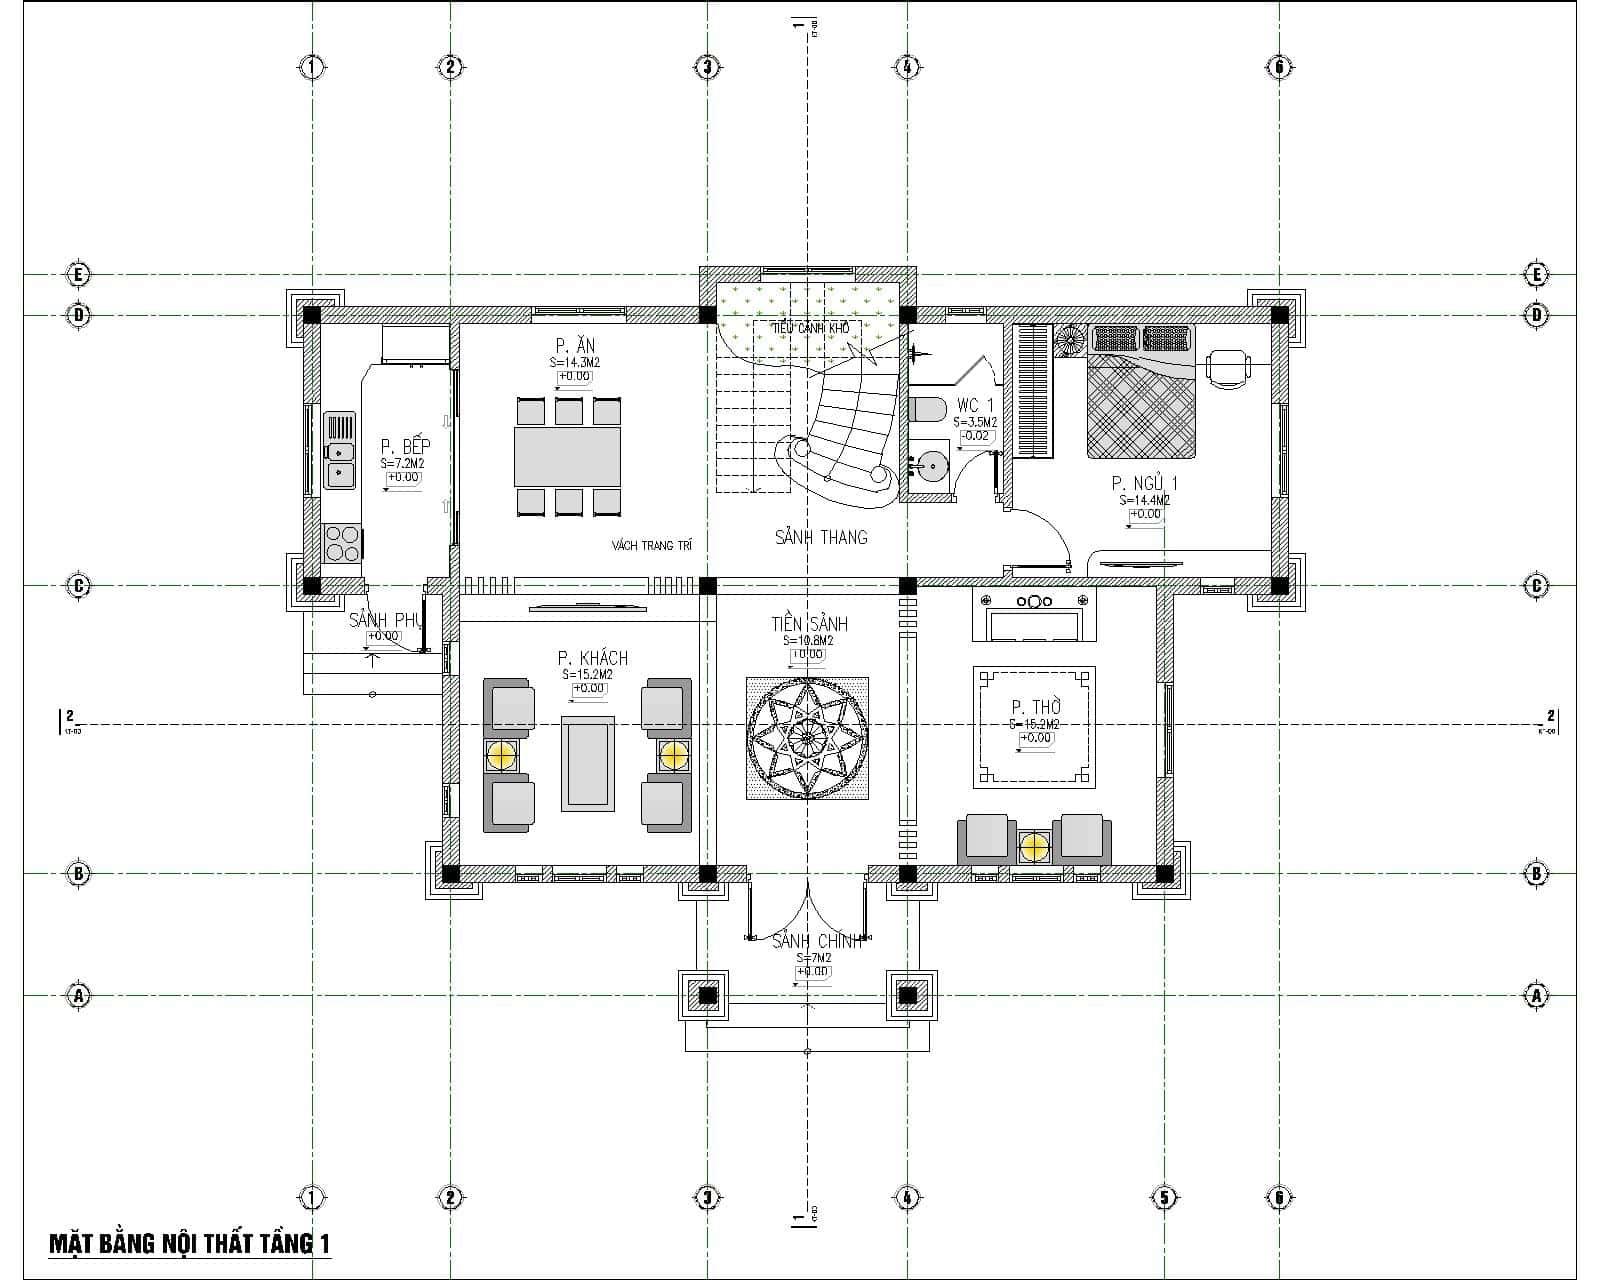 biet thu 3 tang tan co dien dep 5 - Chiêm ngưỡng mẫu thiết kế biệt thự 3 tầng mái thái tuyệt đẹp